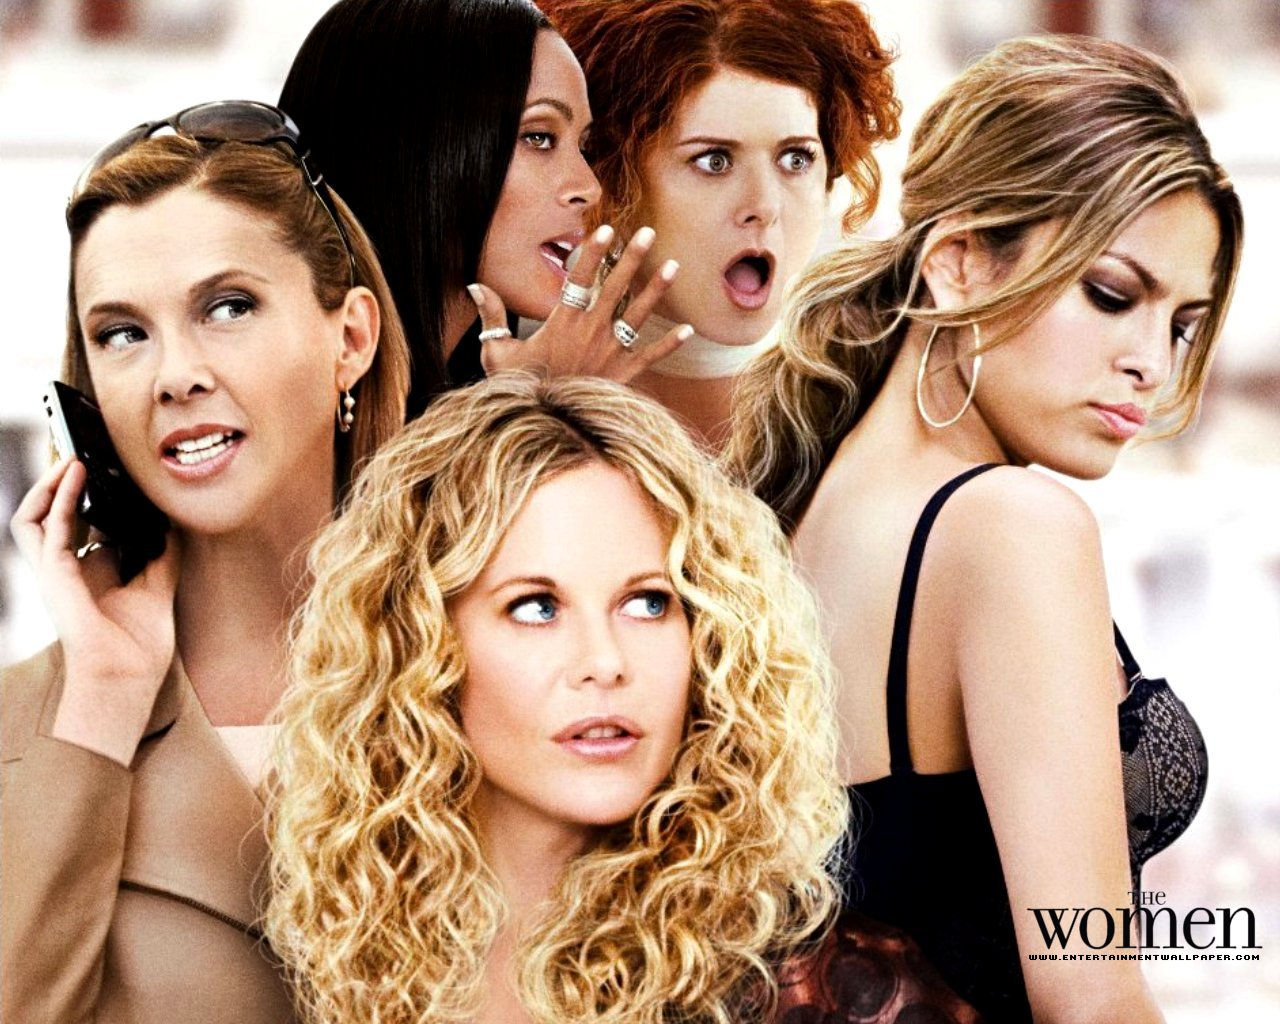 Кадр 1 из фильма Женщины /Women, The.